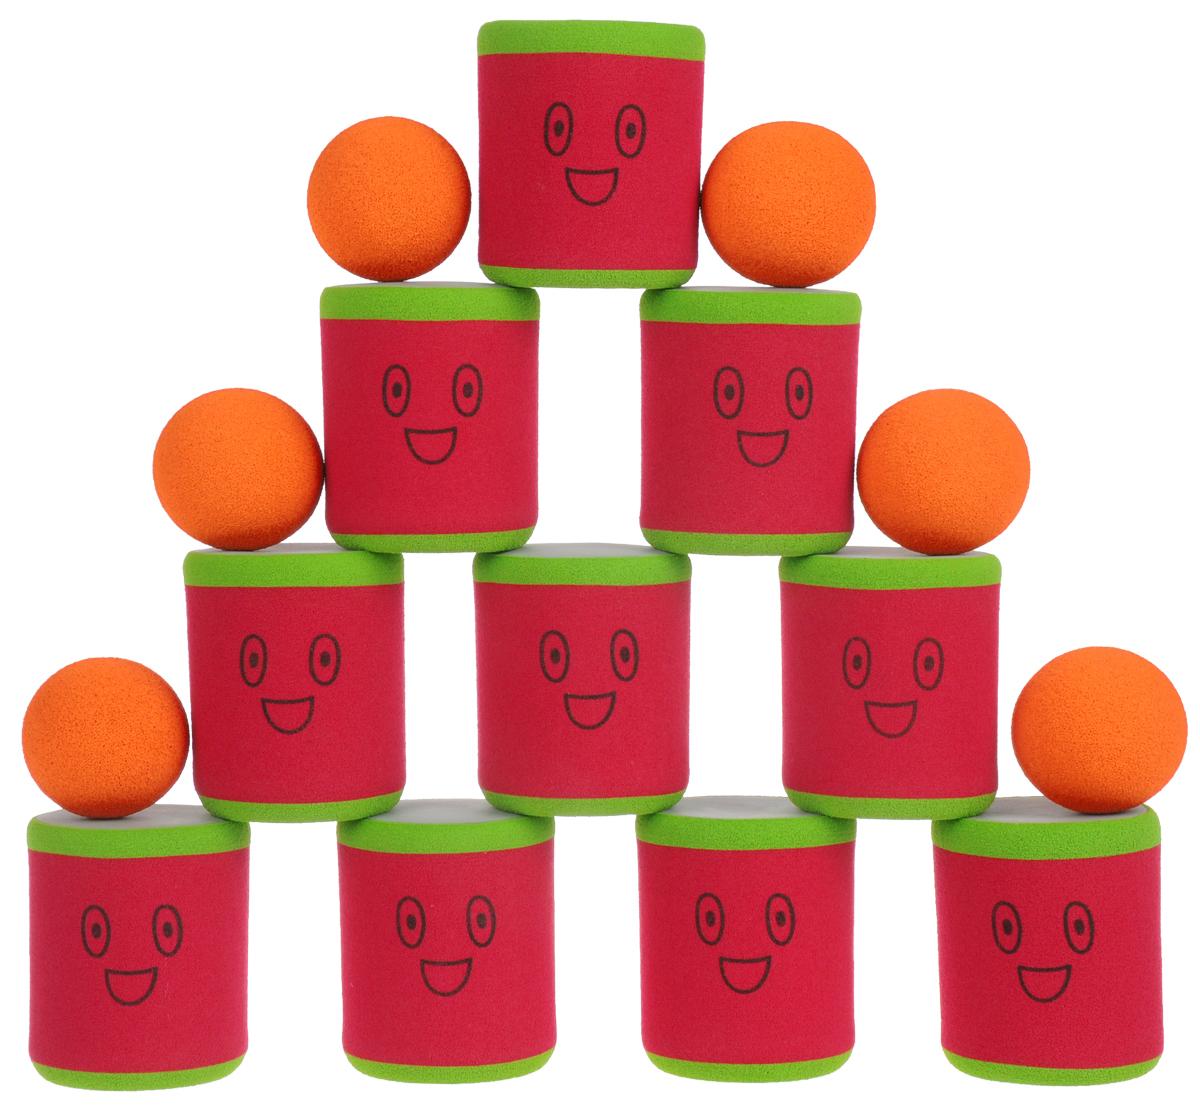 Safsof Игровой набор Городки цвет красный зеленый оранжевый городки